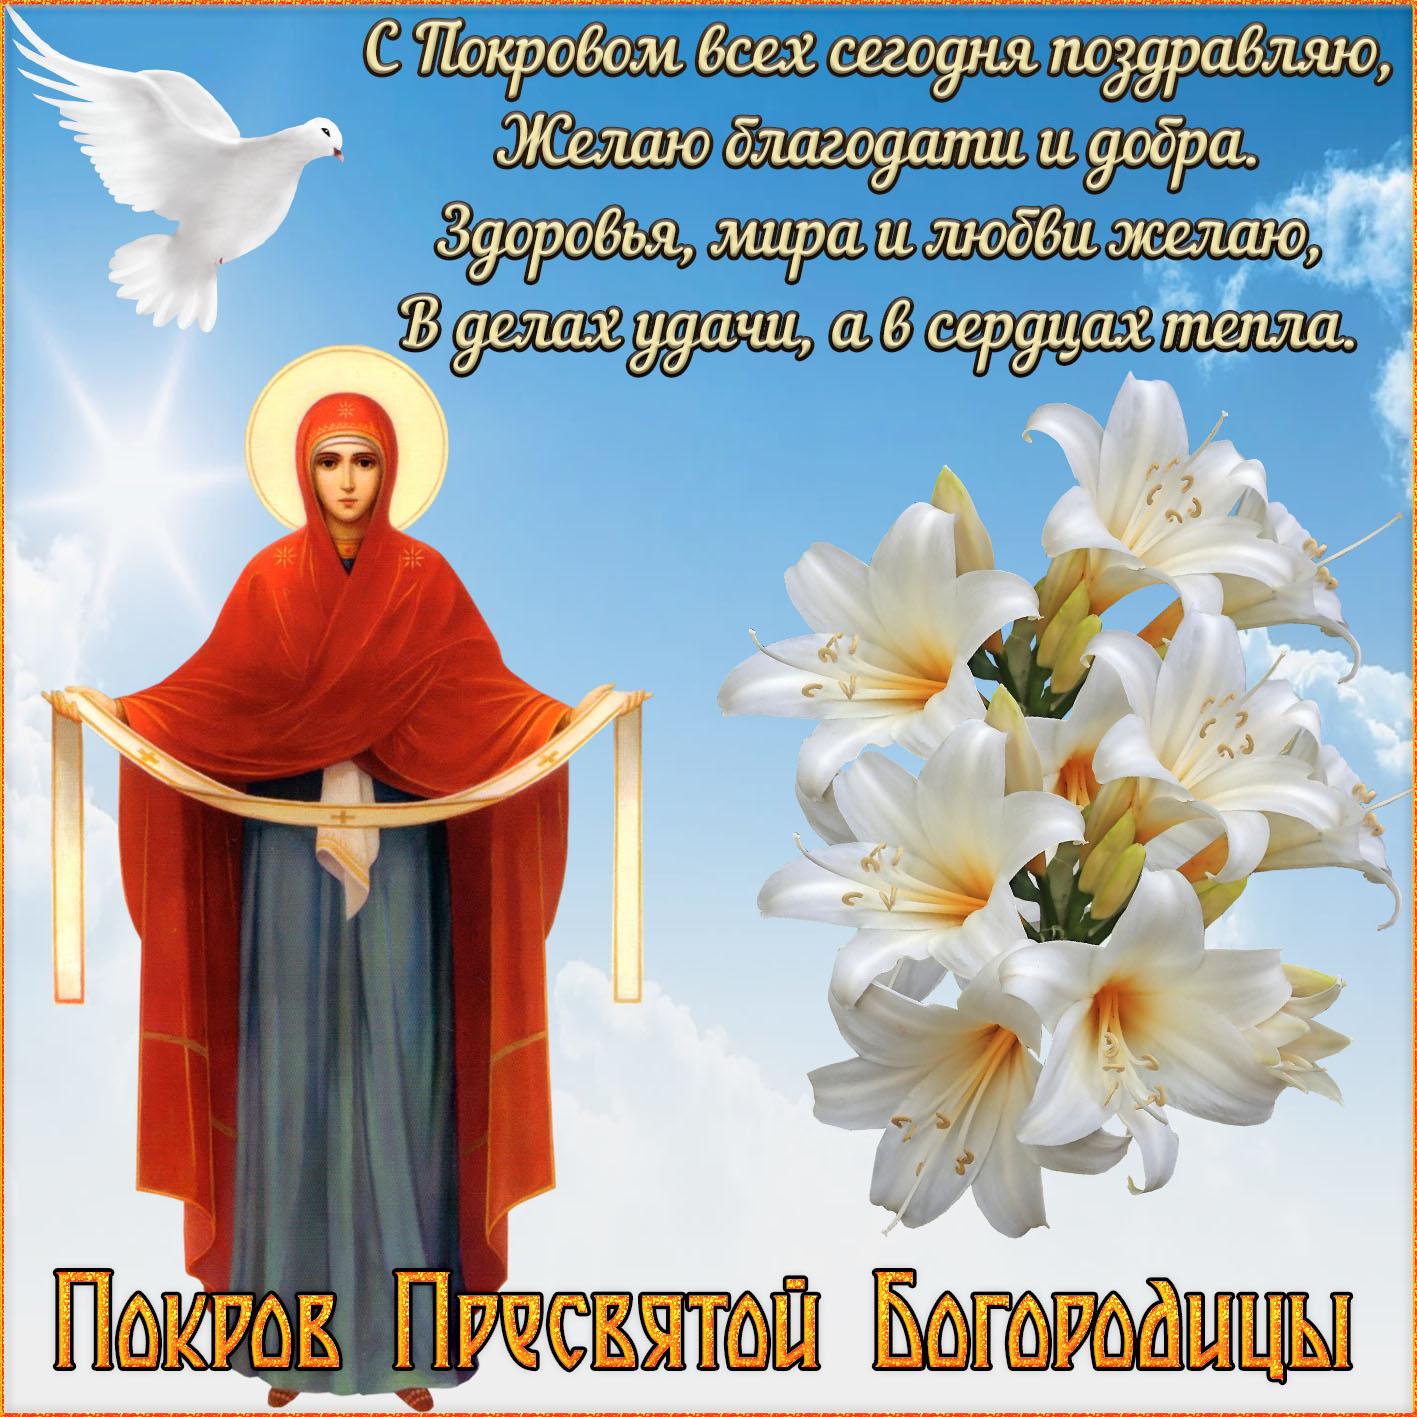 Картинка на Покров с Богородицей и белыми цветами